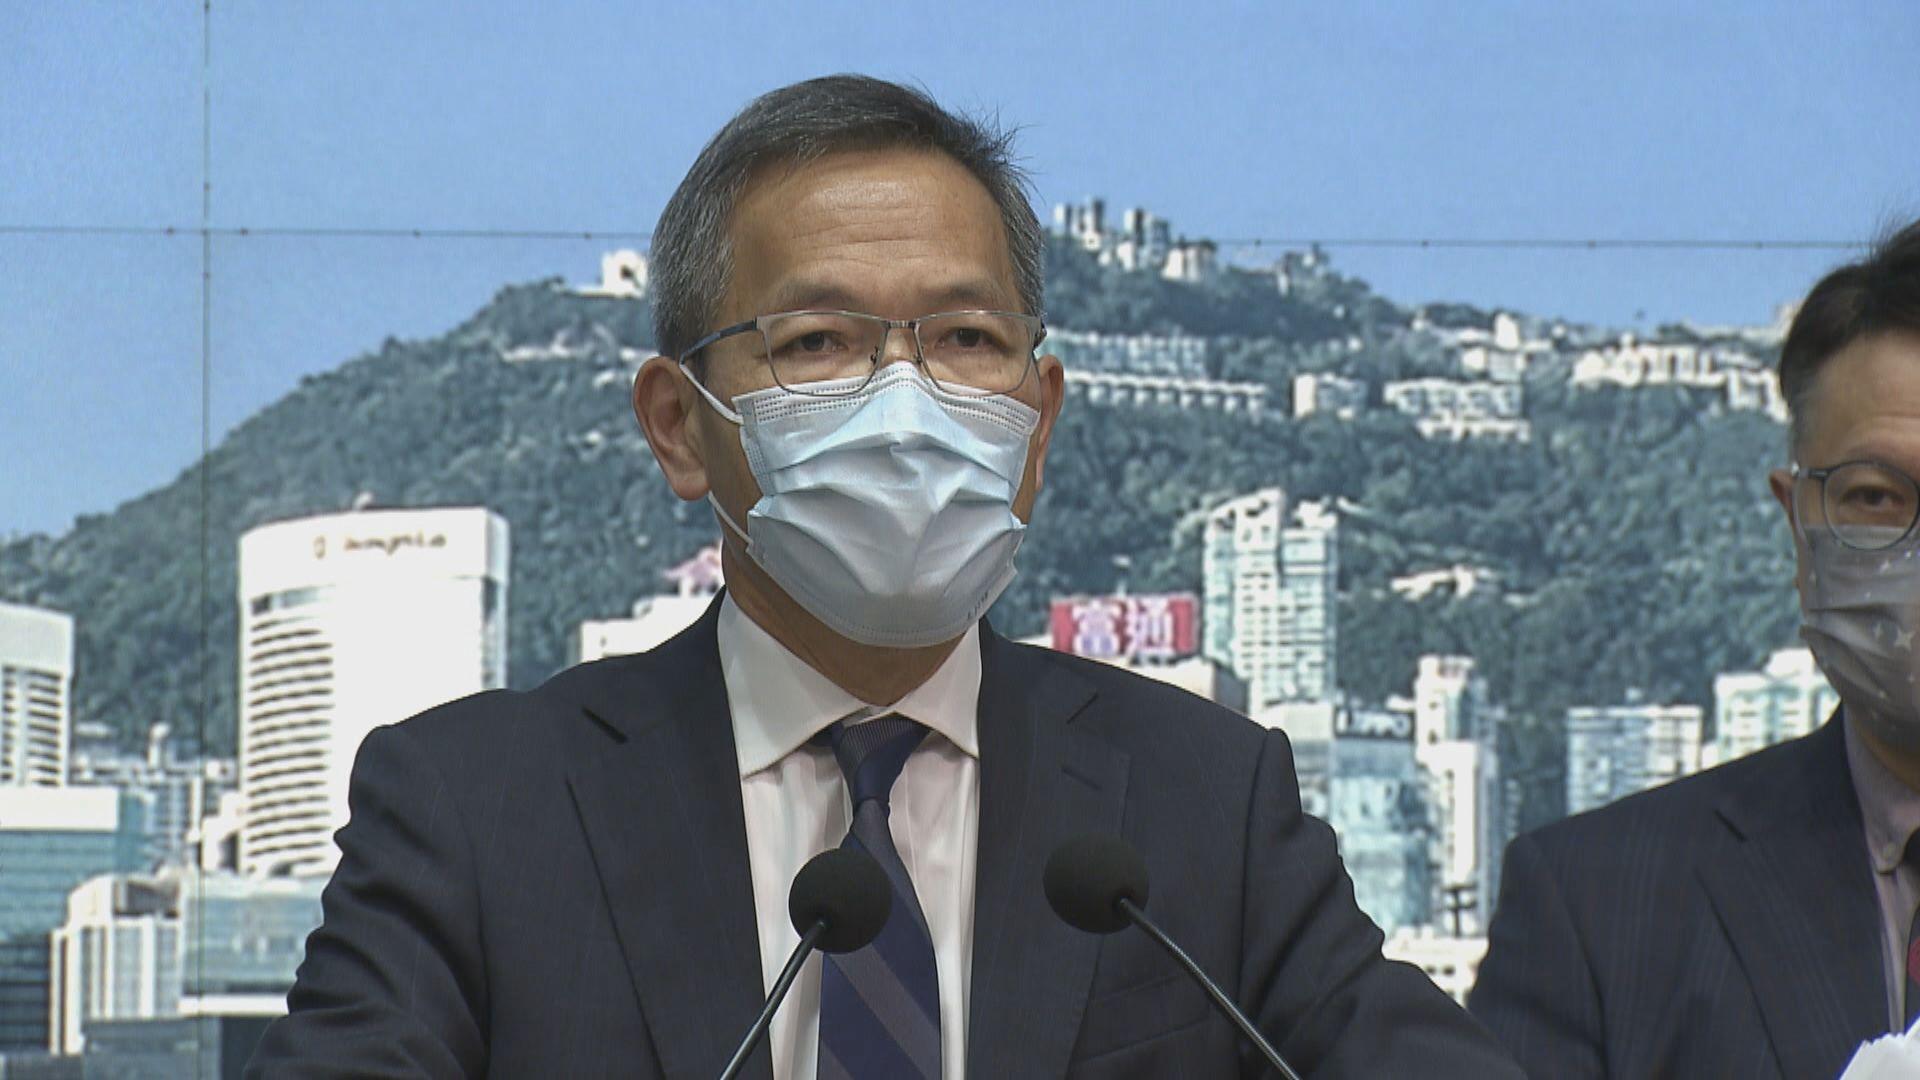 推薦科興疫苗 劉澤星:趁變種病毒未在港出現前盡快接種確保免疫效果